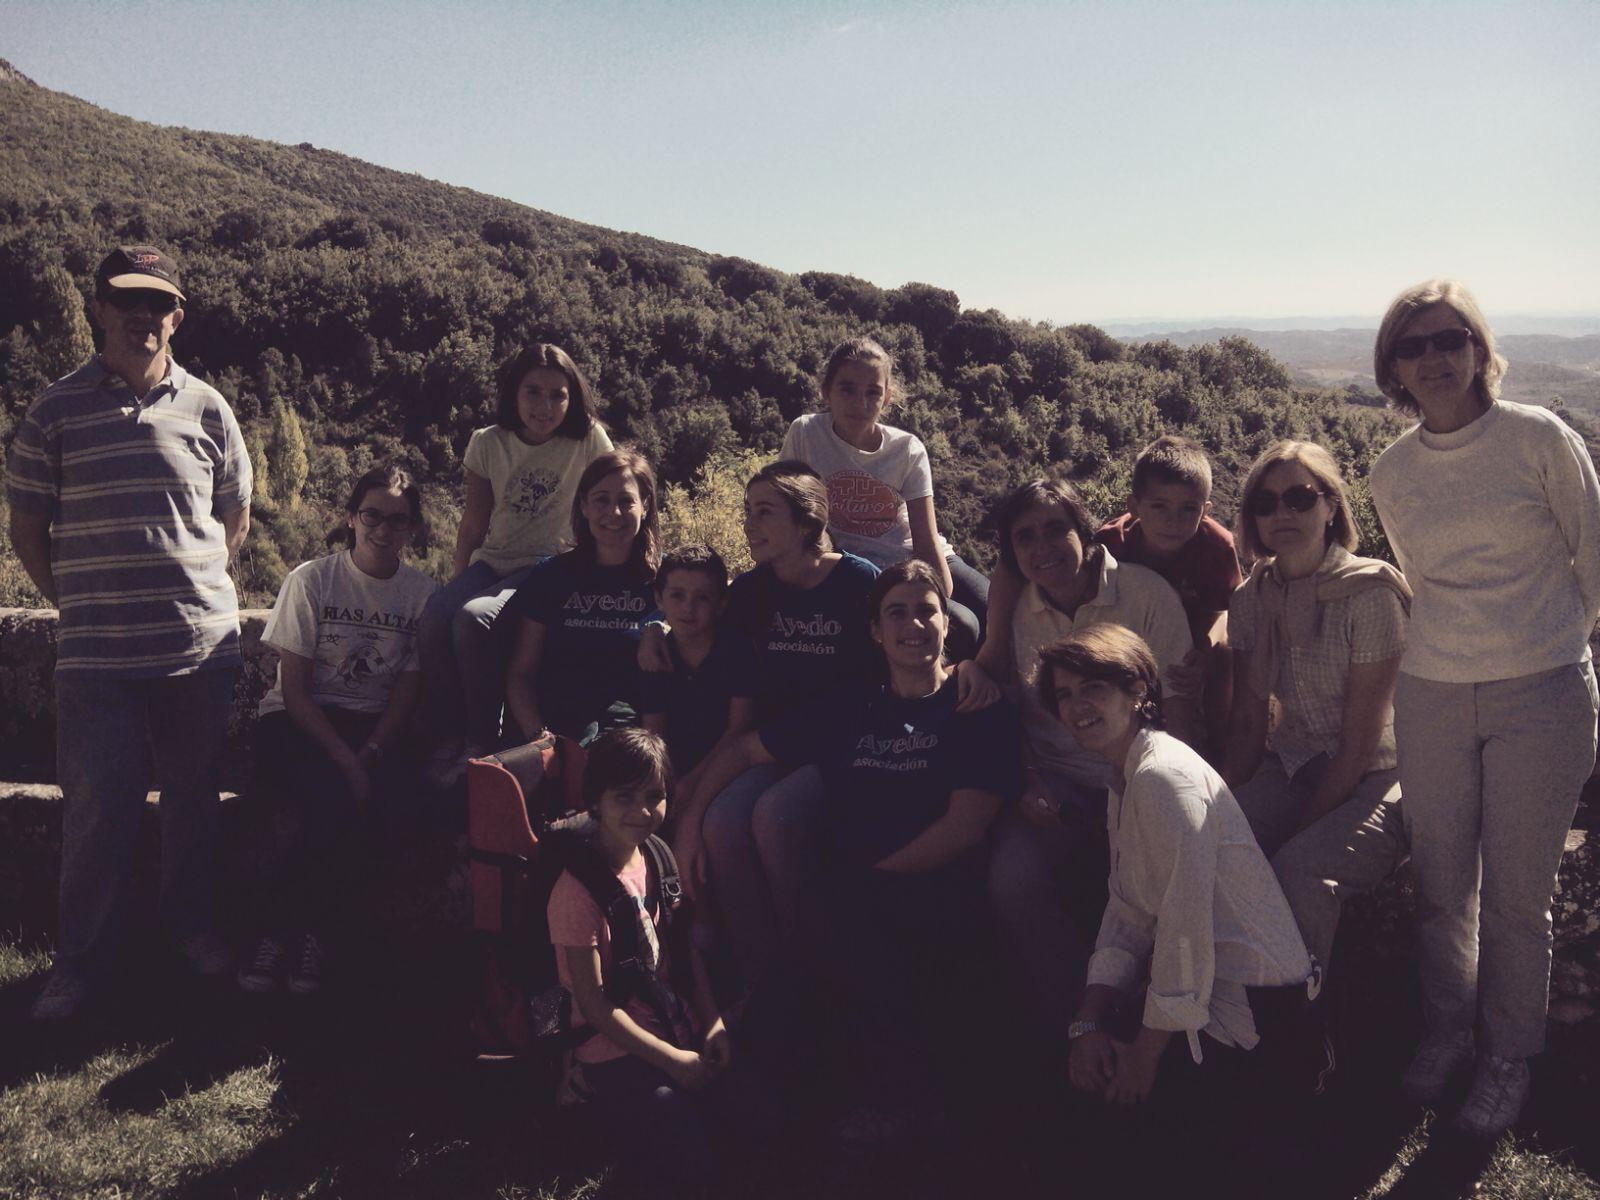 Excursión familiar de Ayedo